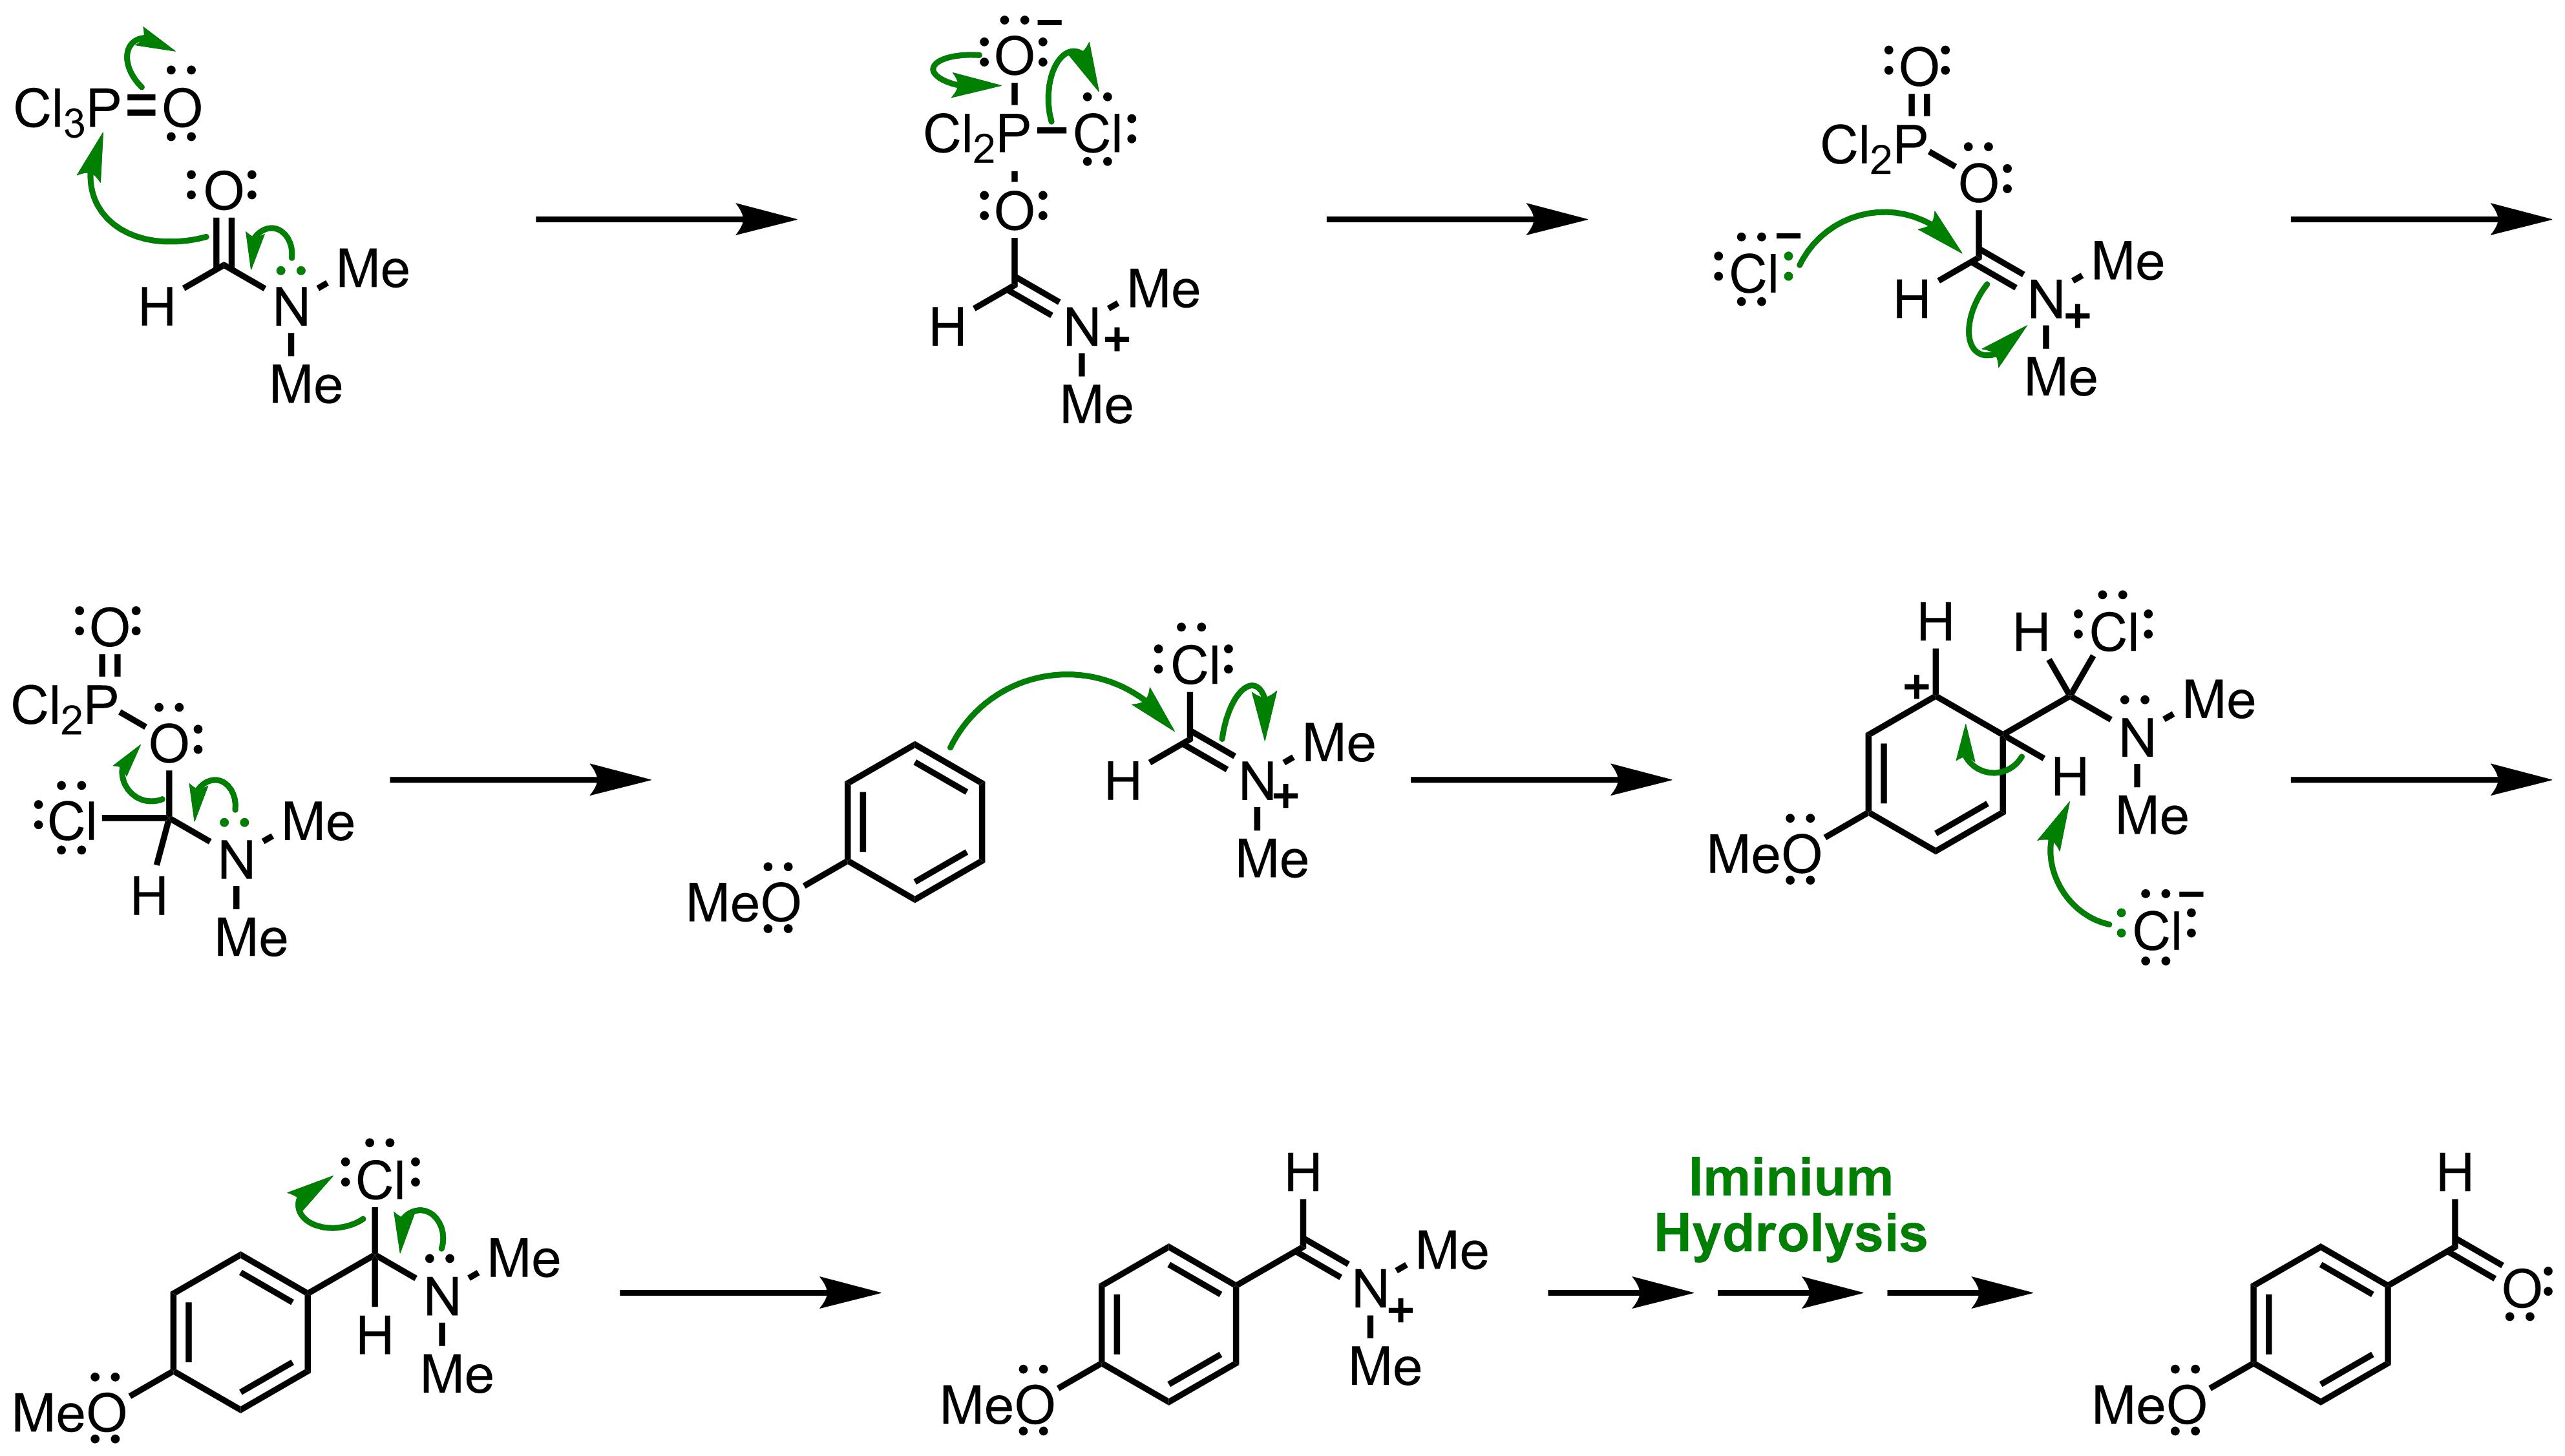 Mechanism of the Vilsmeier-Haack Formylation